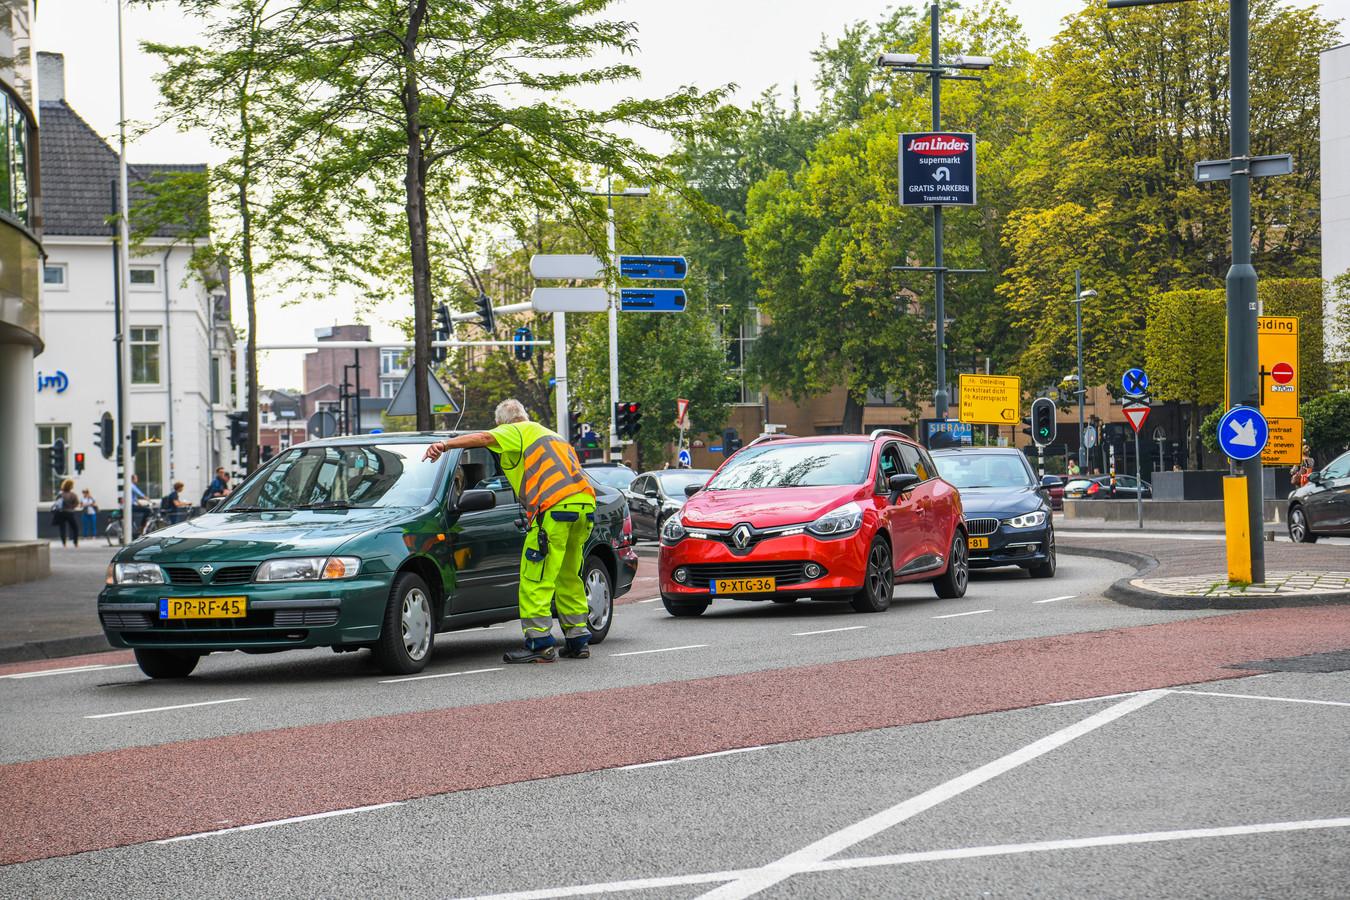 Op de hoek Kanaalstraat-Tramstraat worden automobilisten aangesproken of ze wel daar moeten zijn. Anders moeten ze omdraaien.